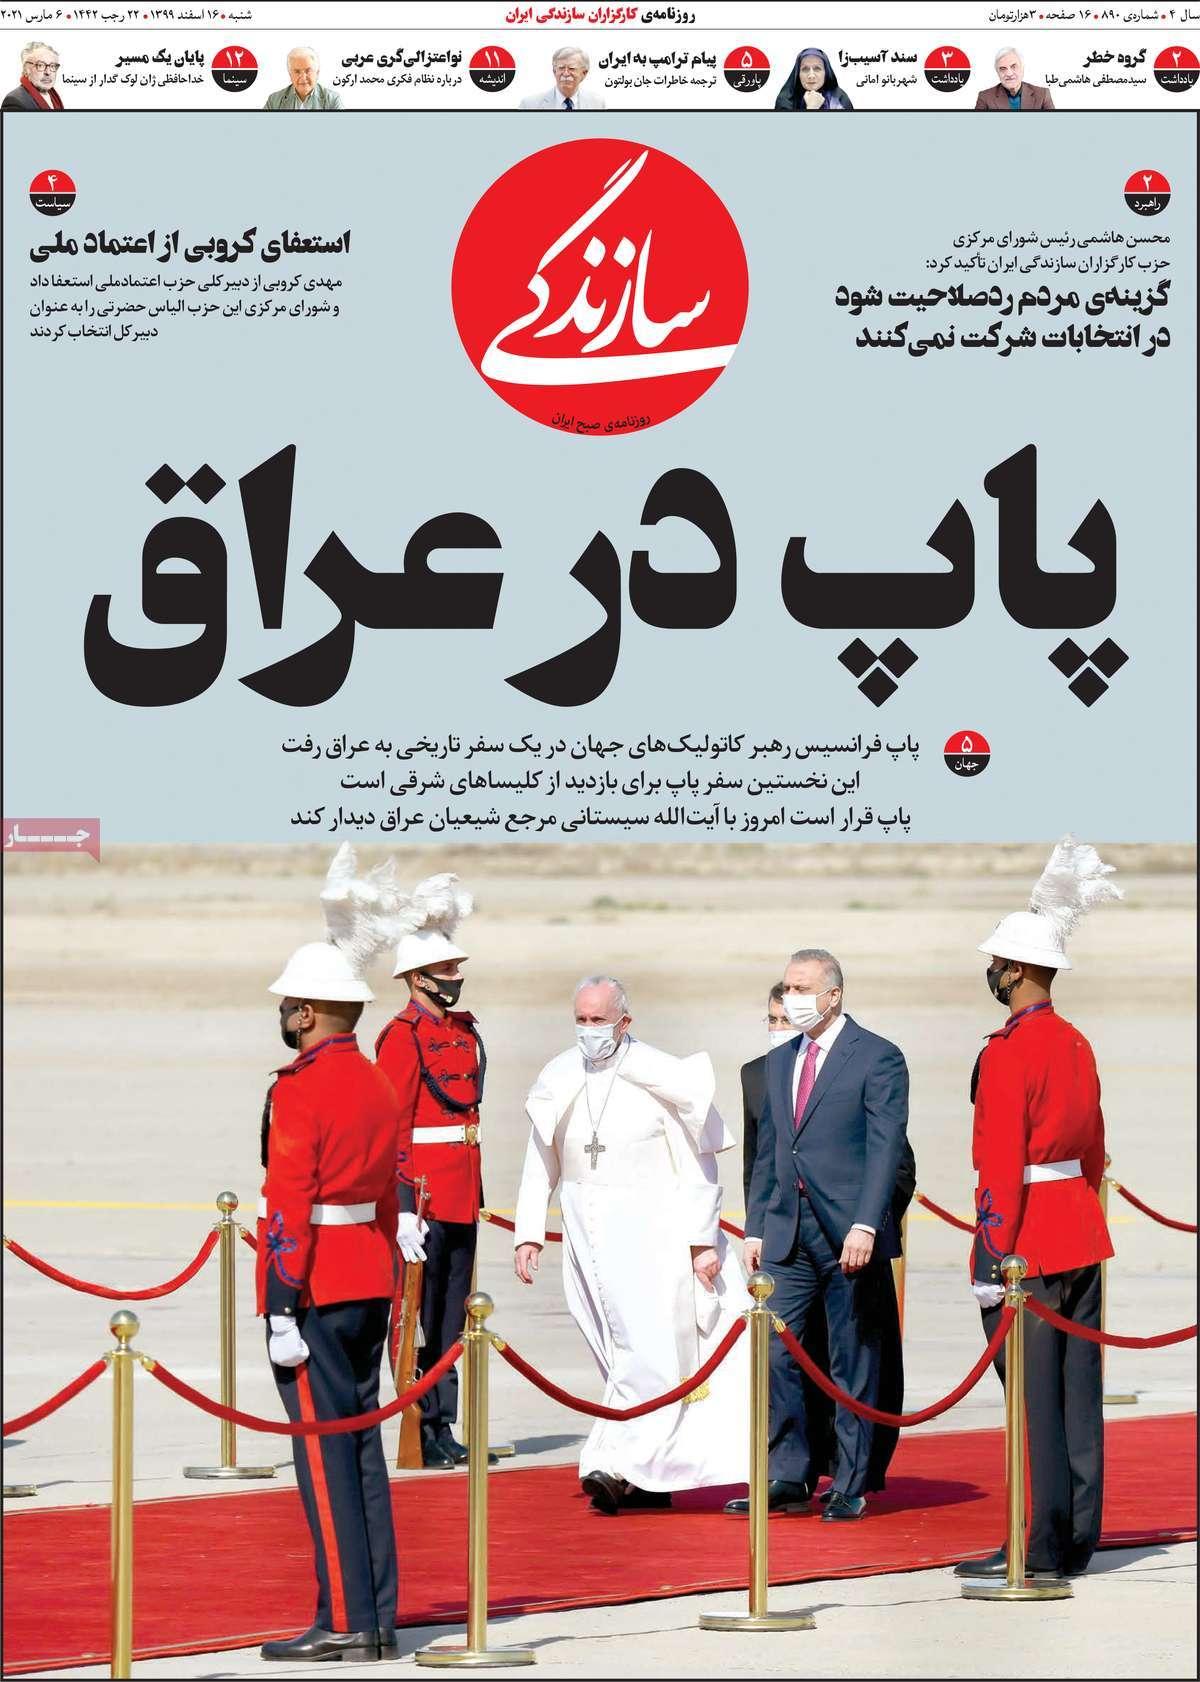 صفحه اول روزنامه سازندگی